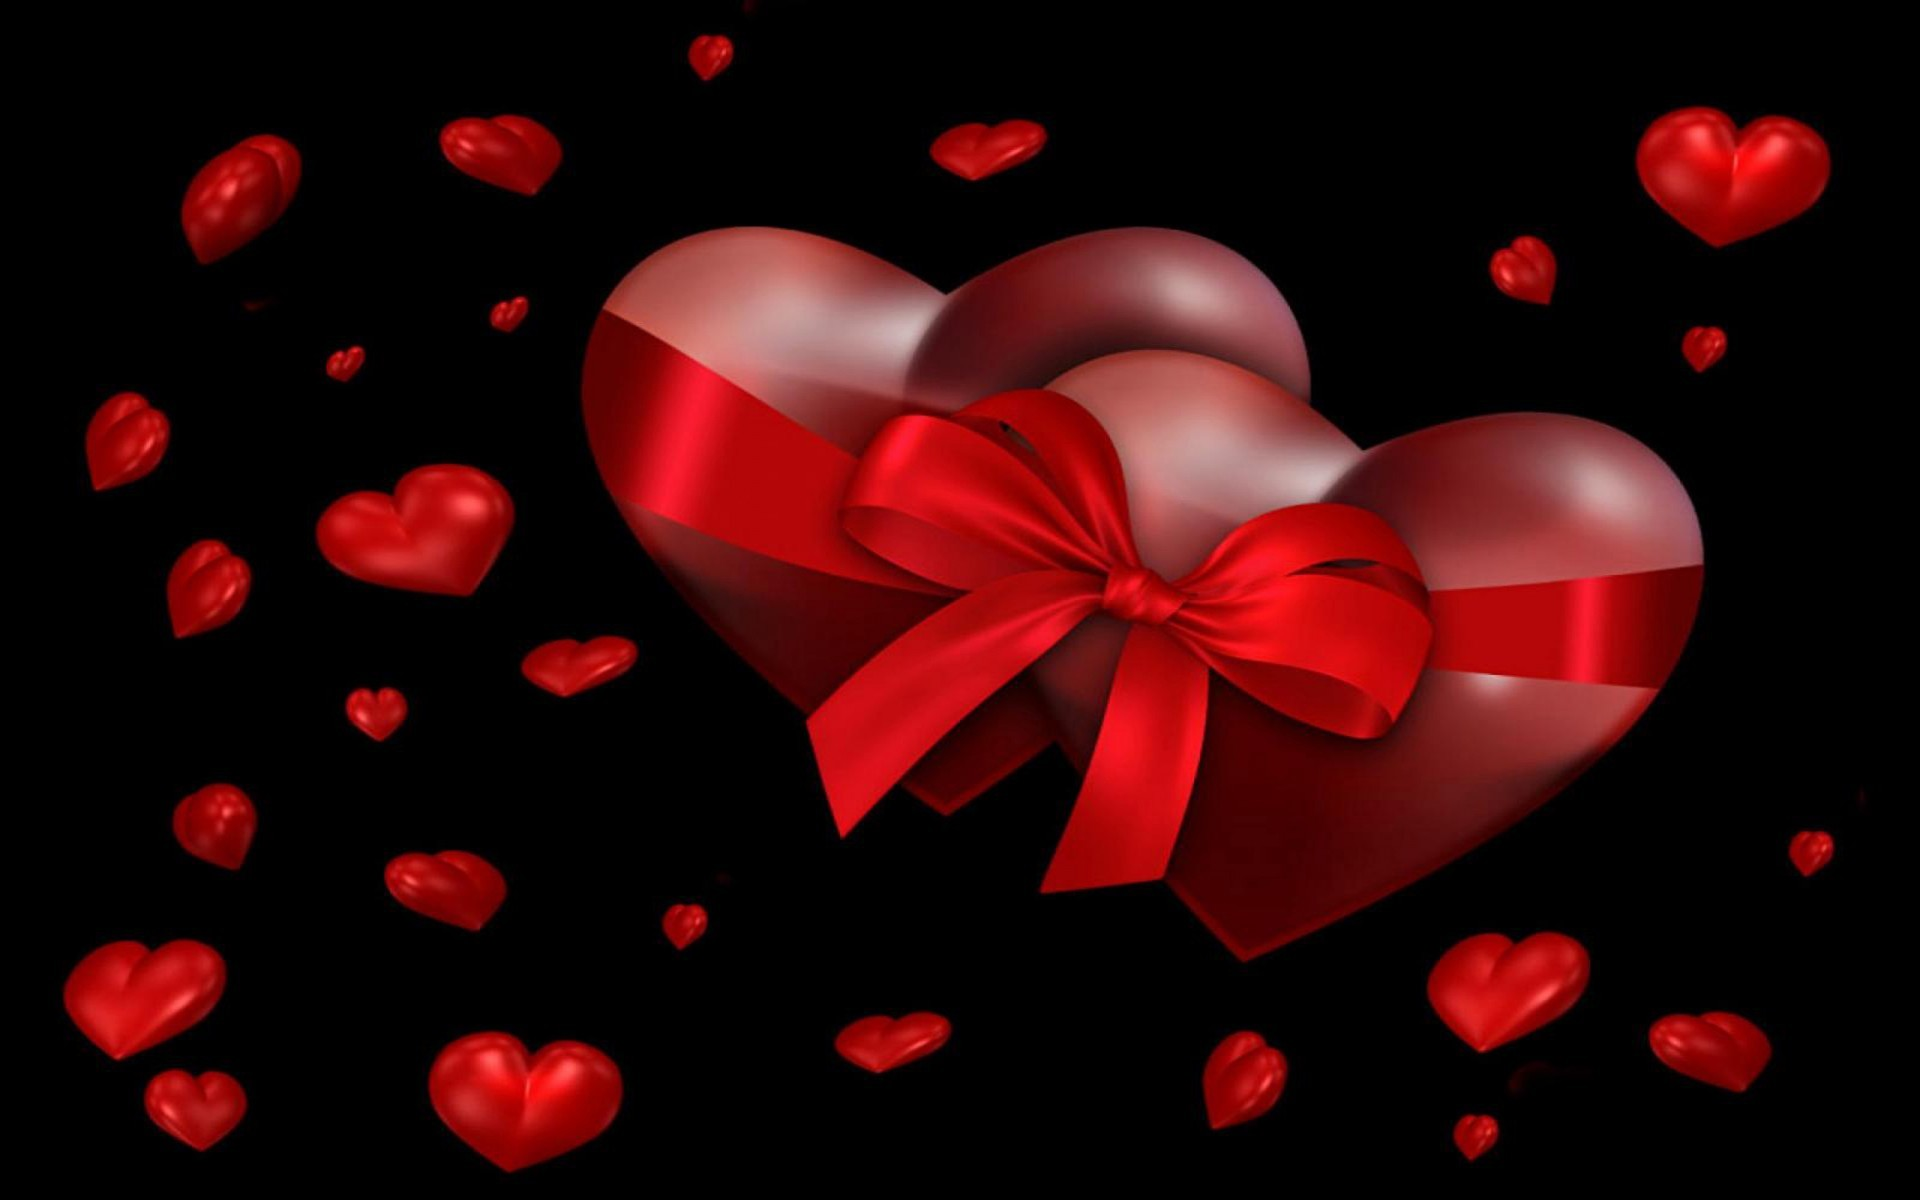 Valentines desktop backgrounds 65 images - San valentin desktop backgrounds ...